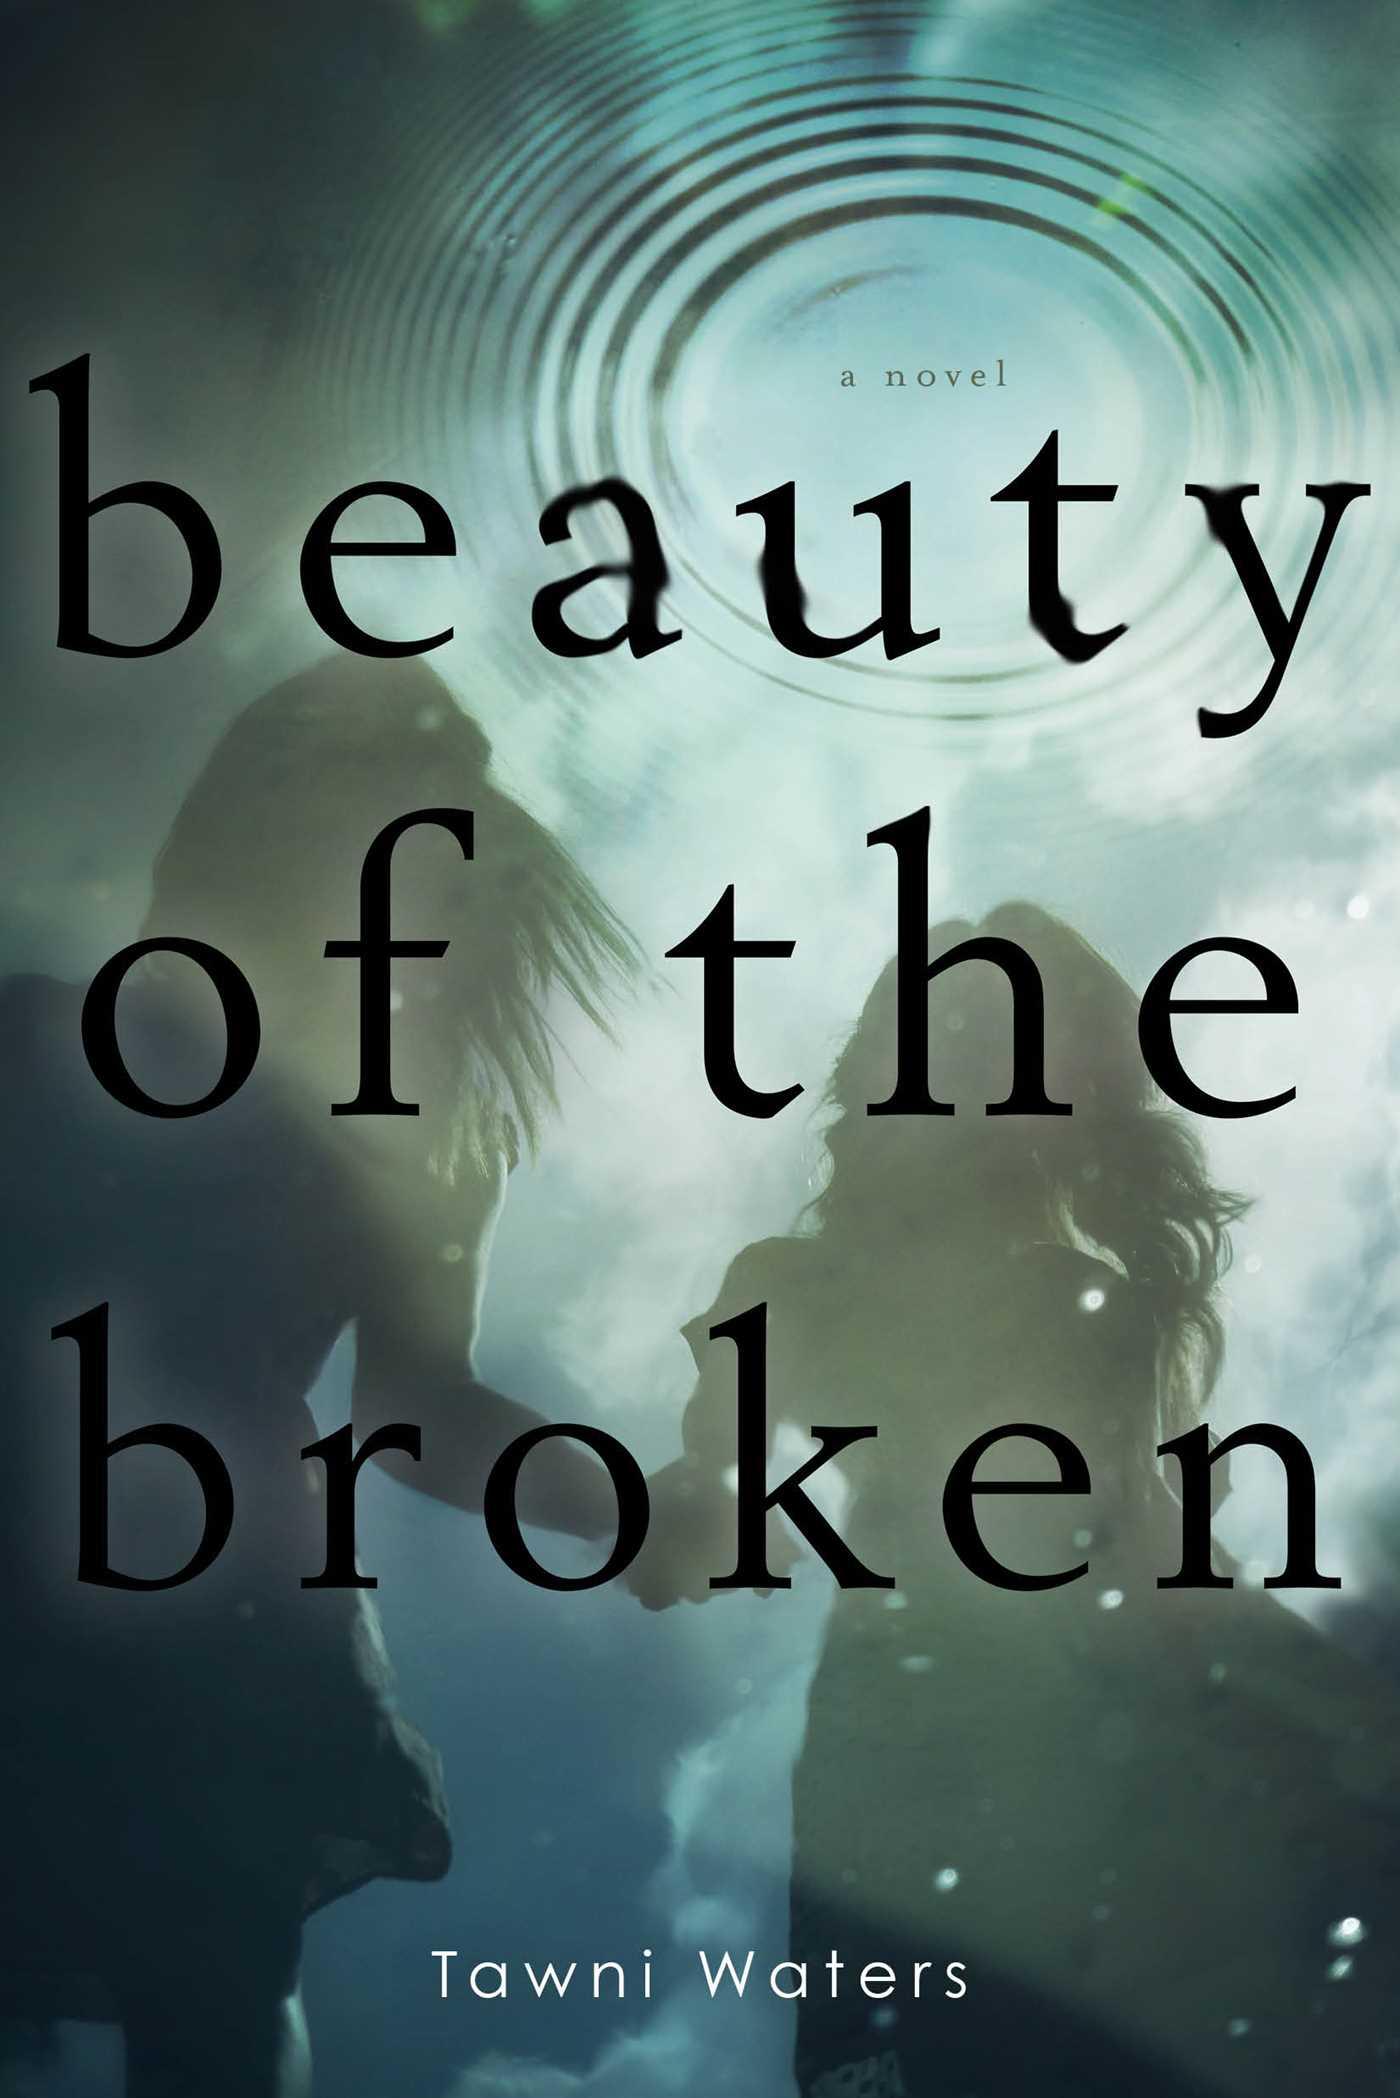 Beauty of the broken 9781481407113 hr